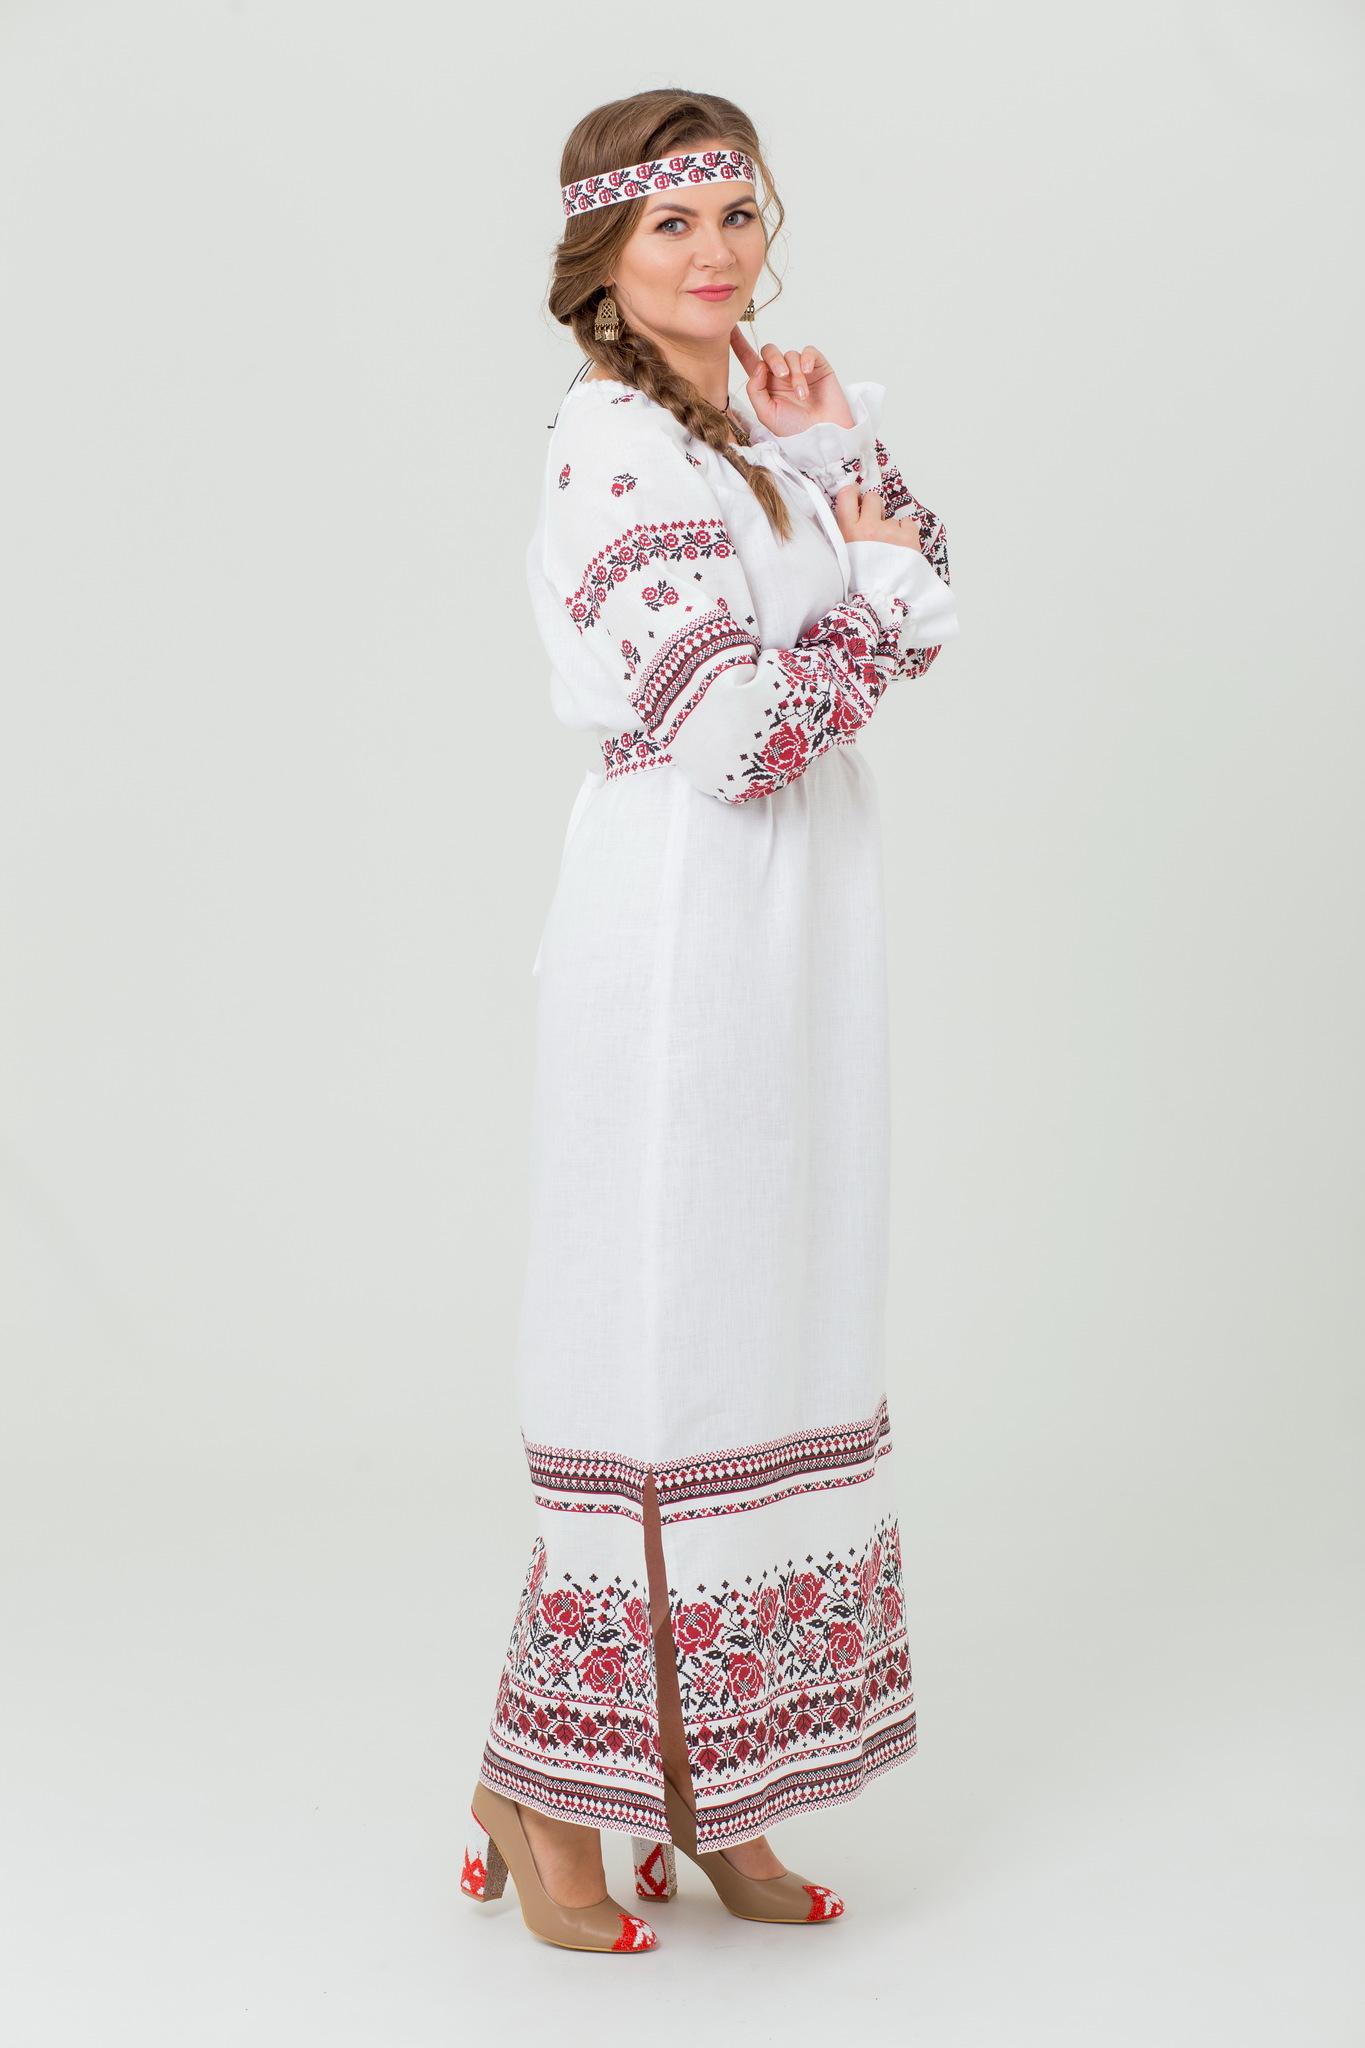 Платье льняное Женское счастье в русском стиле